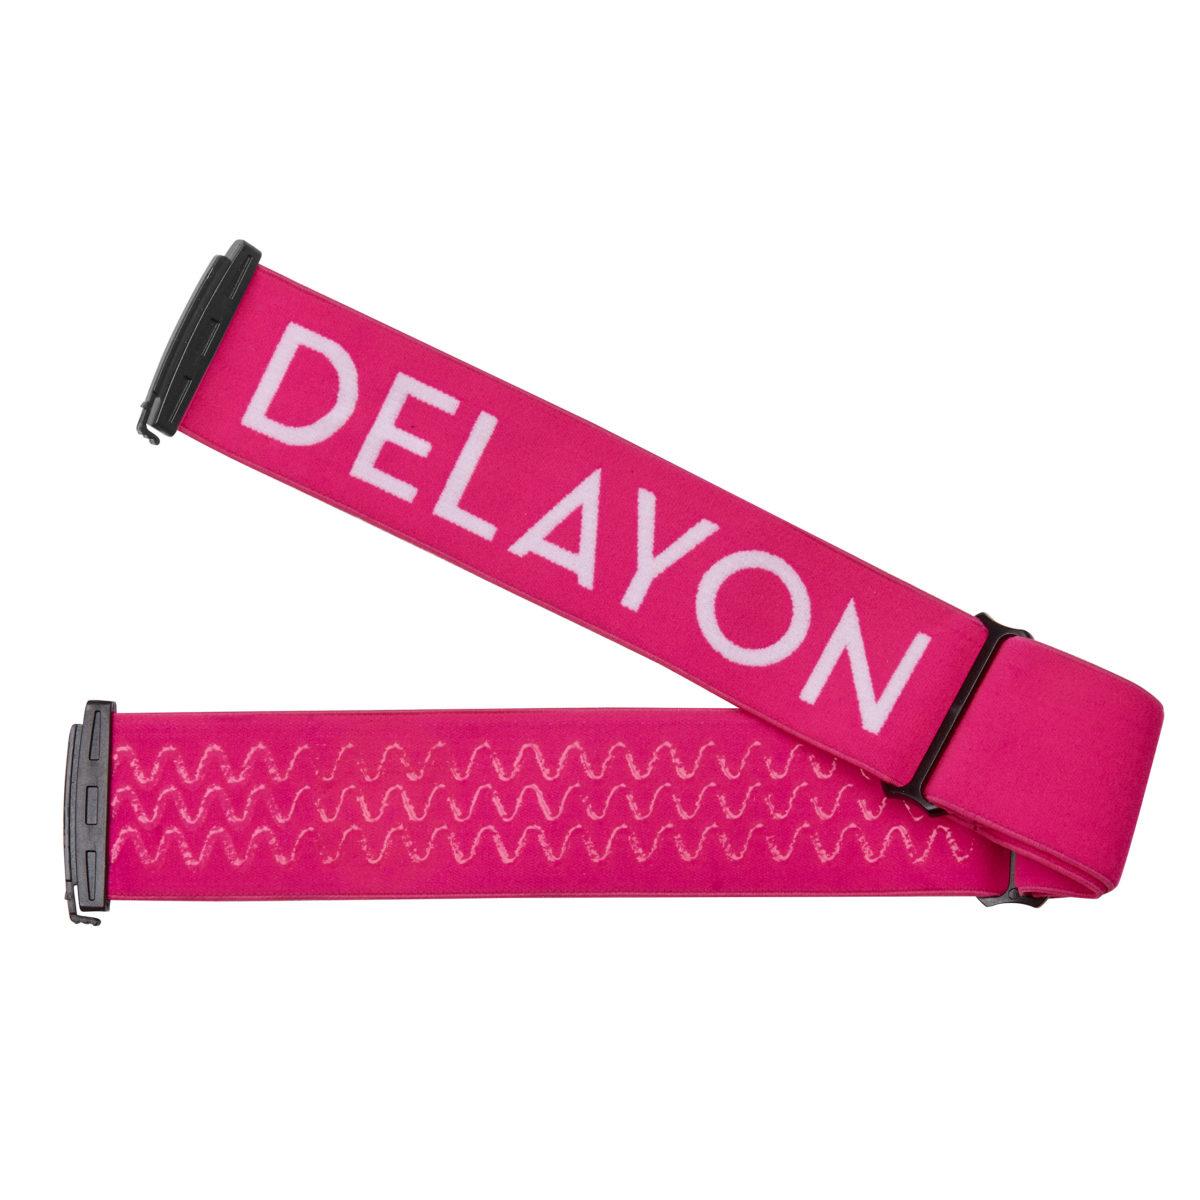 DELAYON Eyewear Explorer Goggle Strap Pink